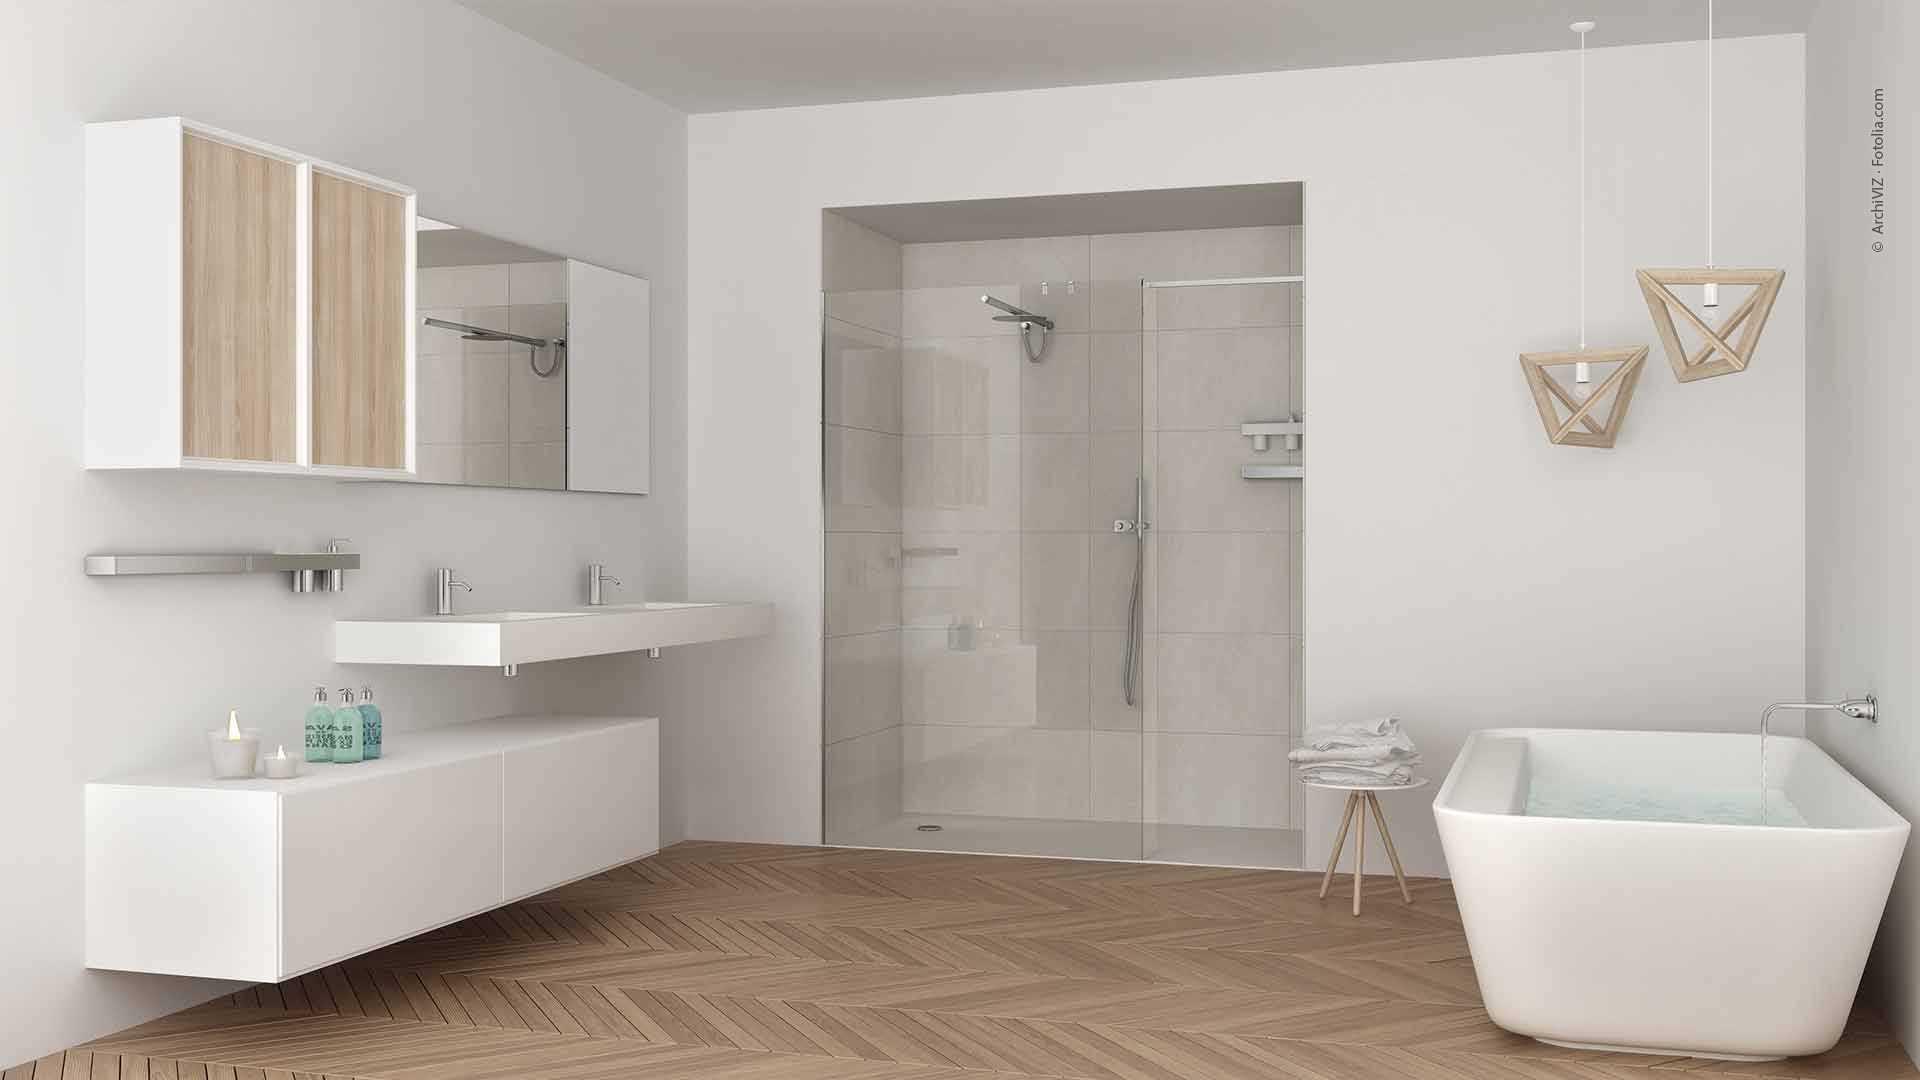 Einrichtungstrends für das Badezimmer - Ratgeber ...